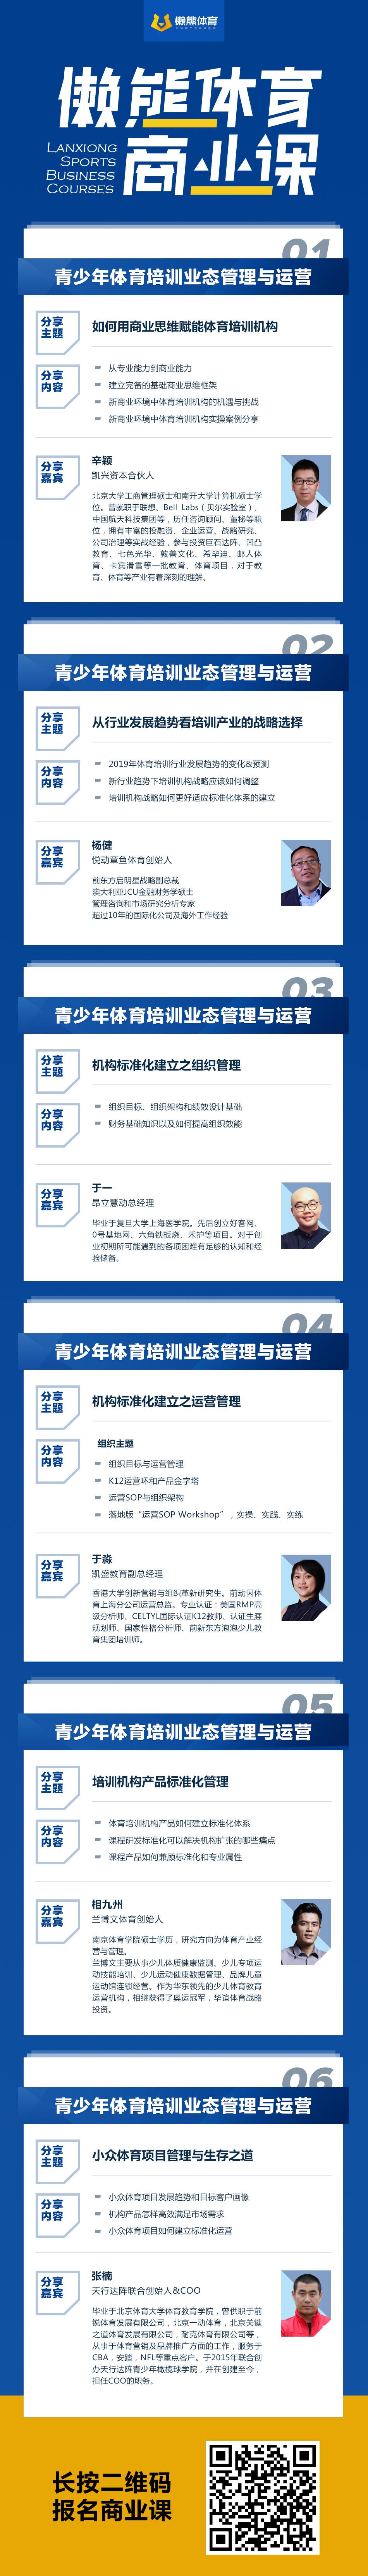 青少年体育培训业态管理与运营——北京站